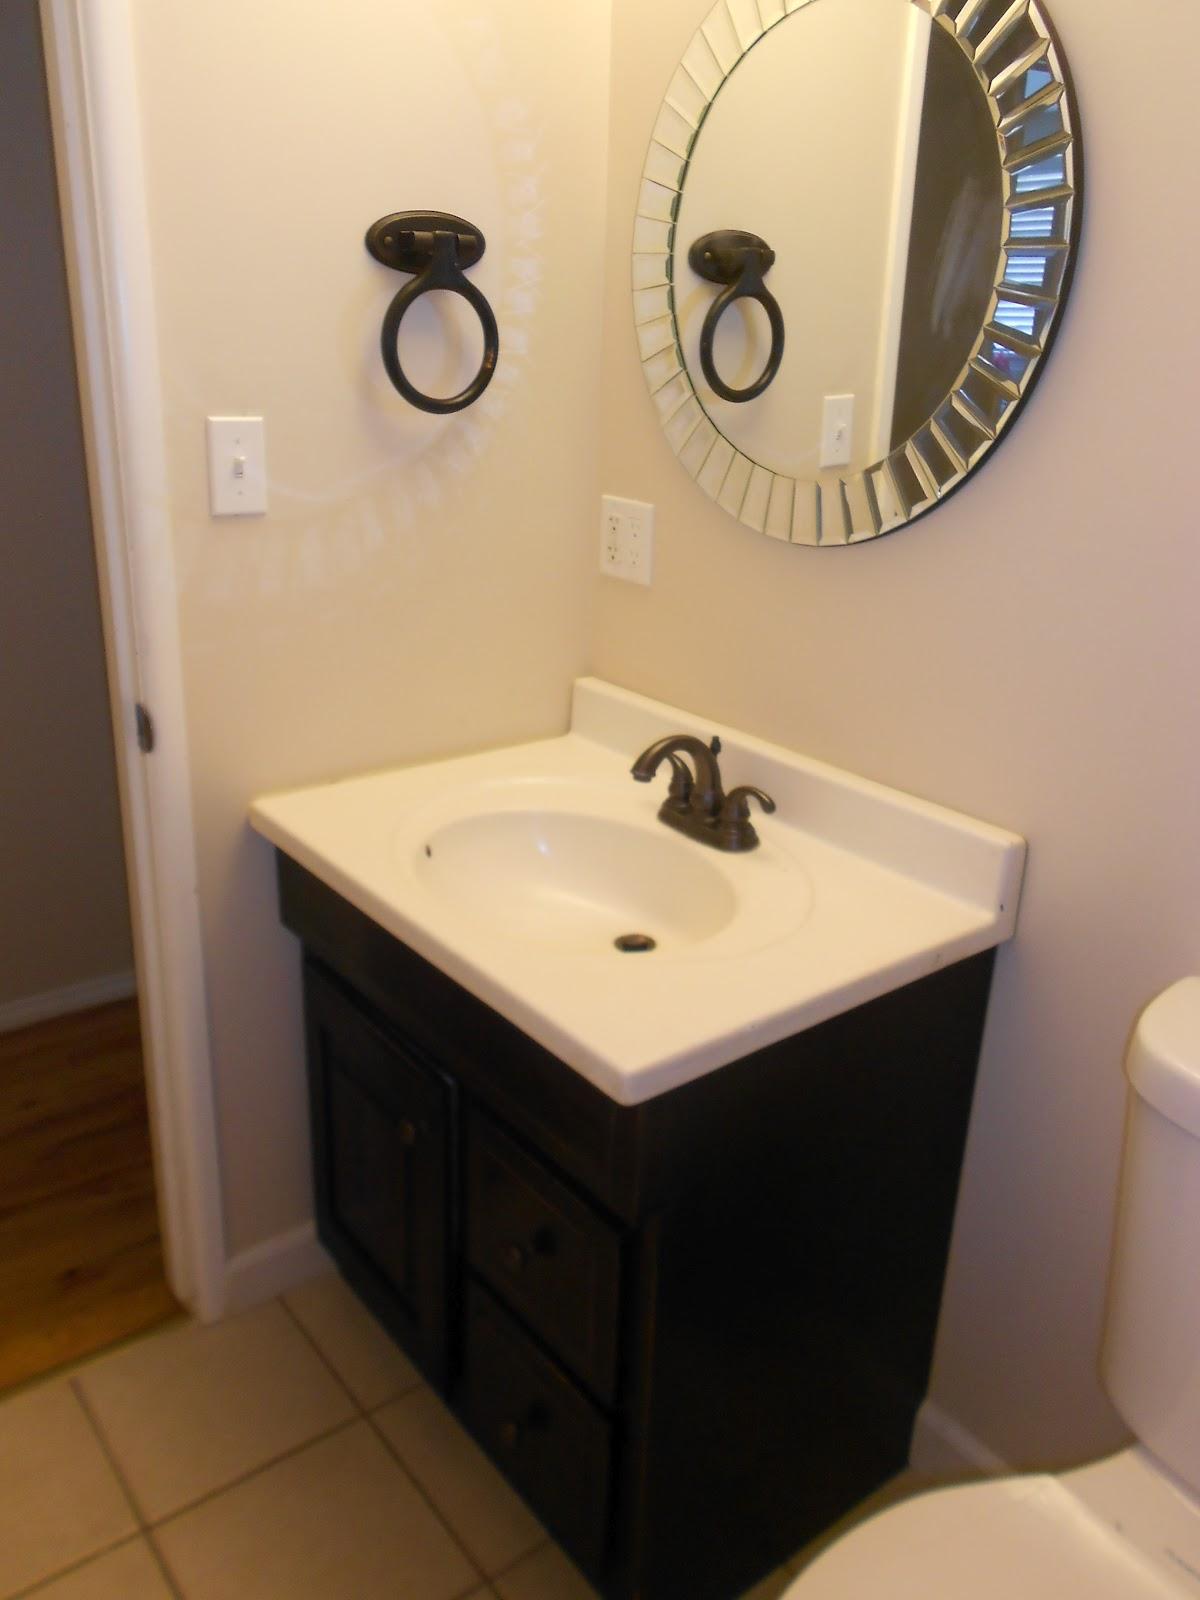 Picnics Amp Old Lace Bathroom Remodel Under 700